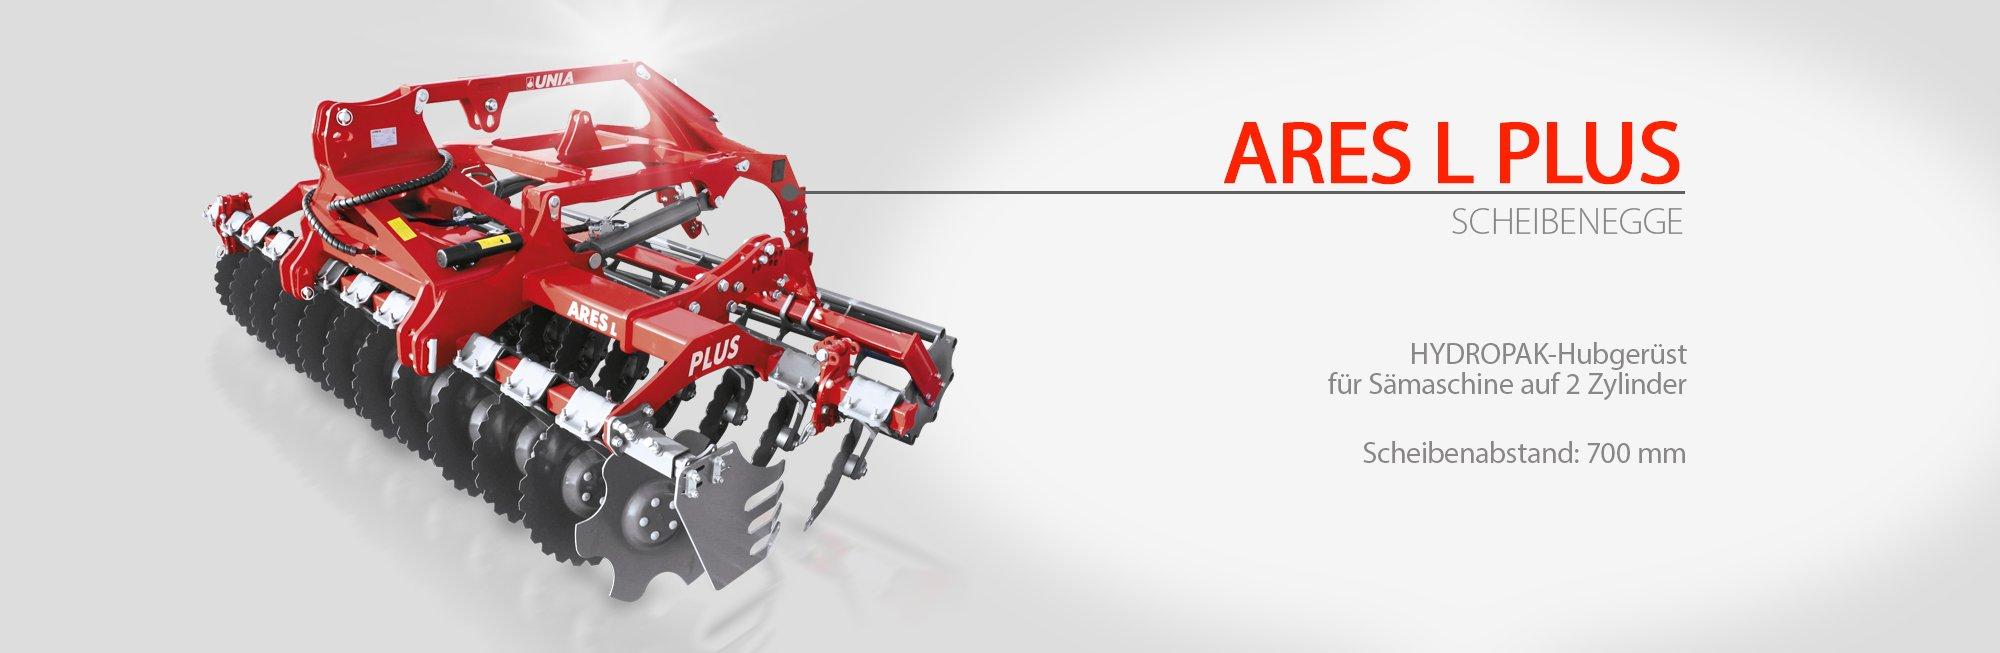 UNIA_rotator_ARES_L_PLUS_DE_slide_03